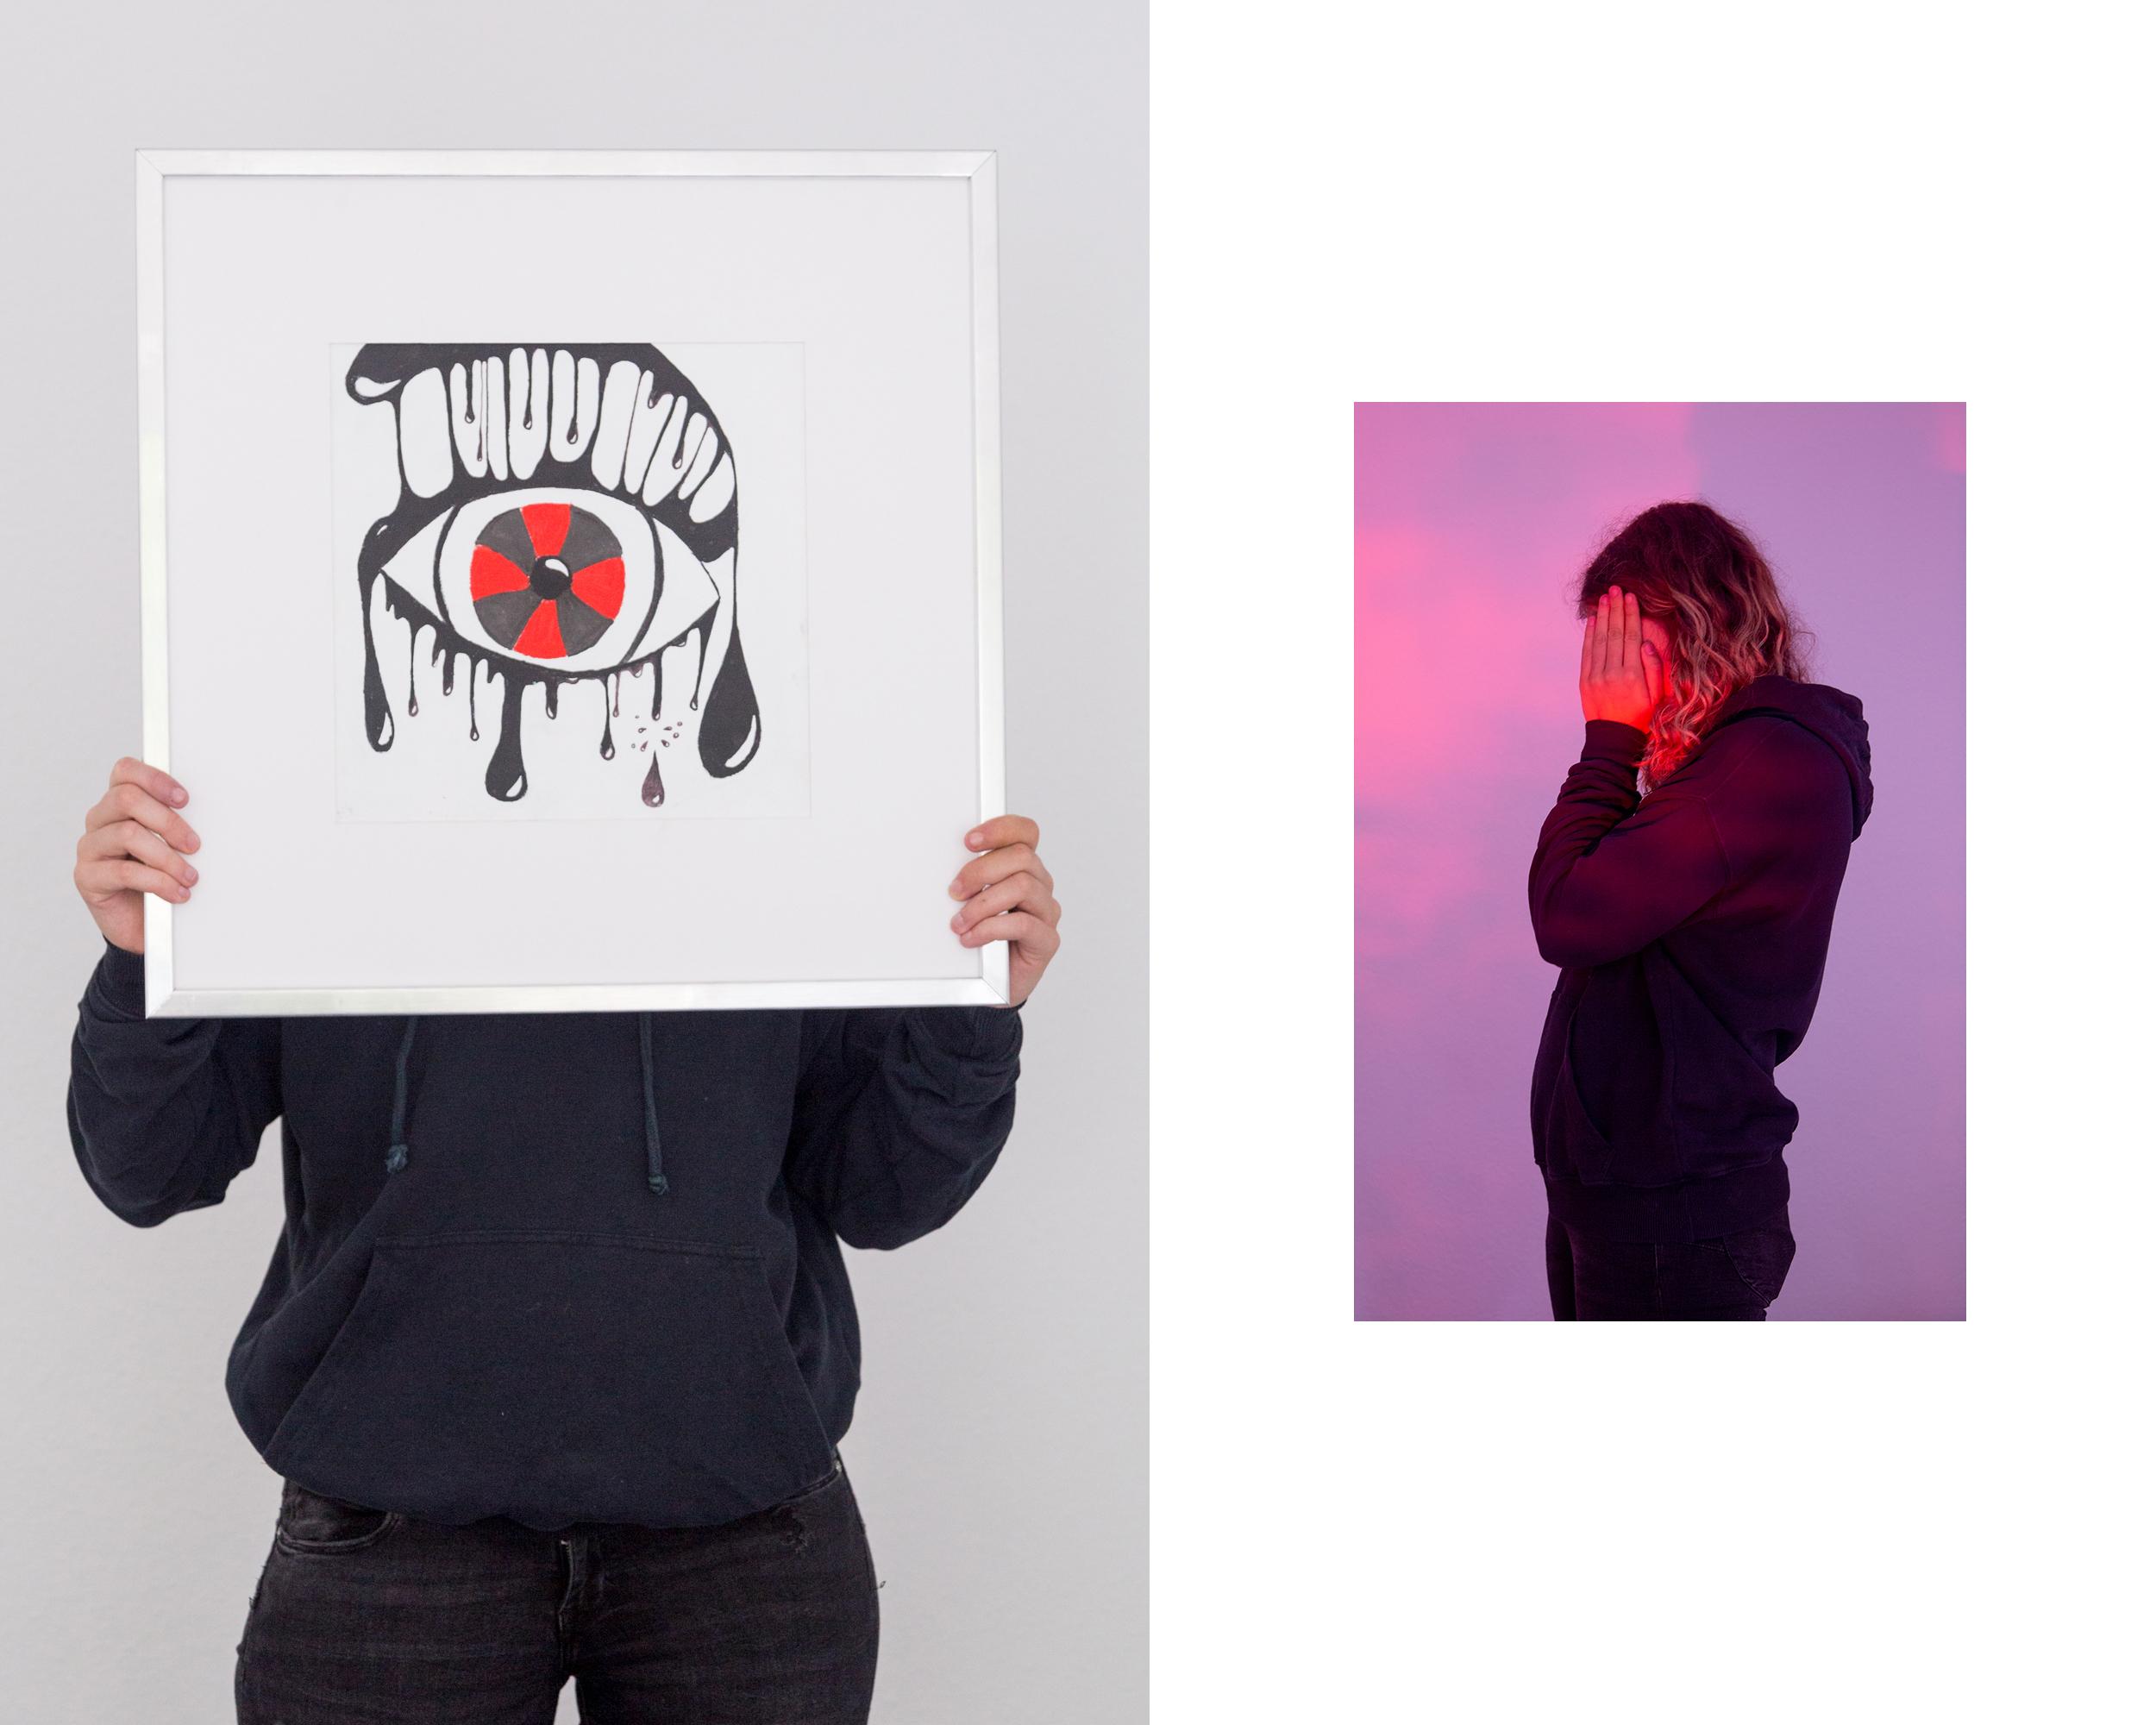 Laura menggenggam lukisan [kiri], dan Laura menyembunyikan wajah dengan kedua telapak tangannya [kanan]